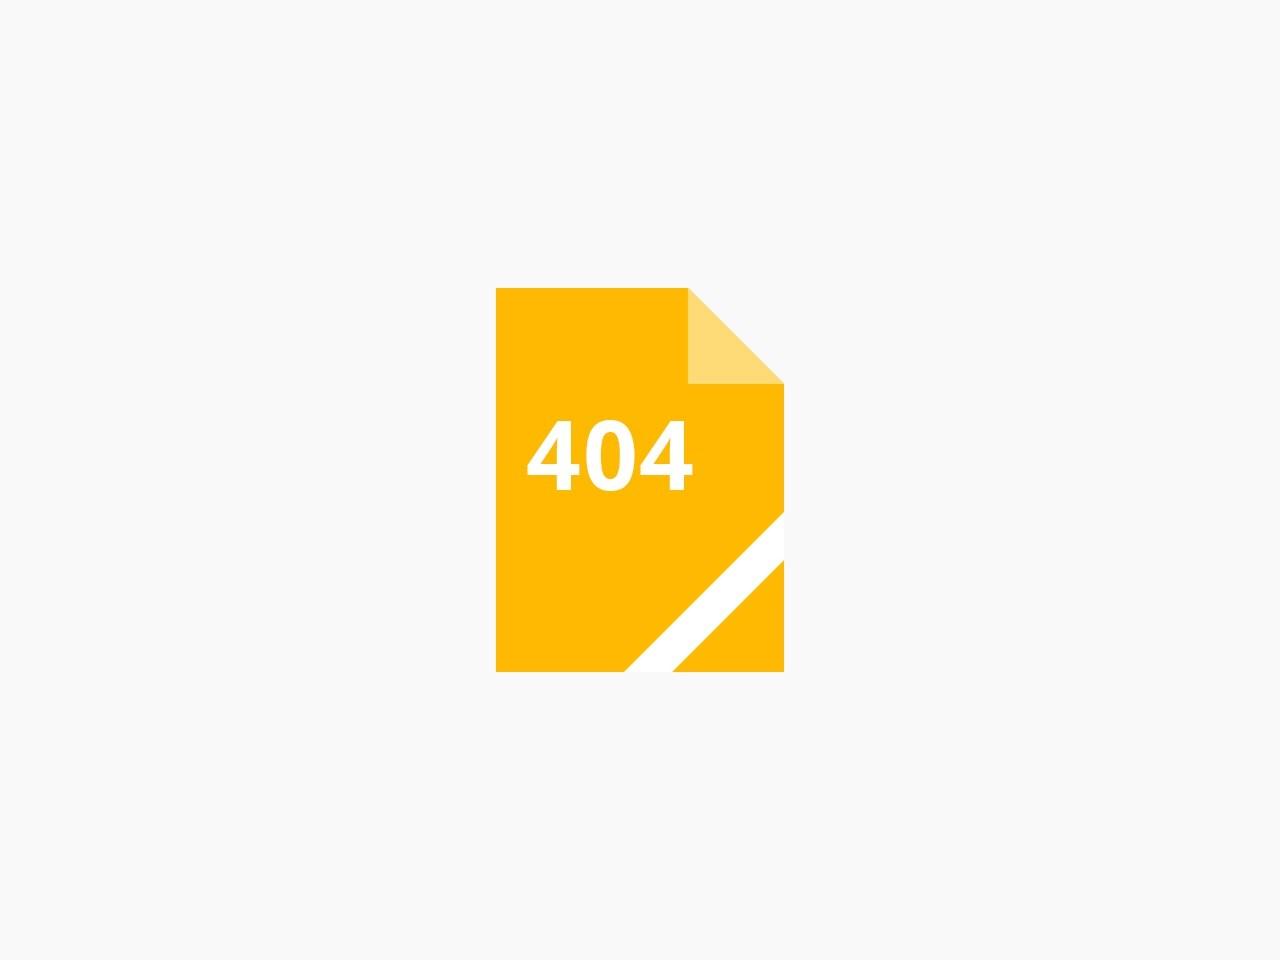 全球电影网 mm52.net - 电影频道 - 电影明星写真集